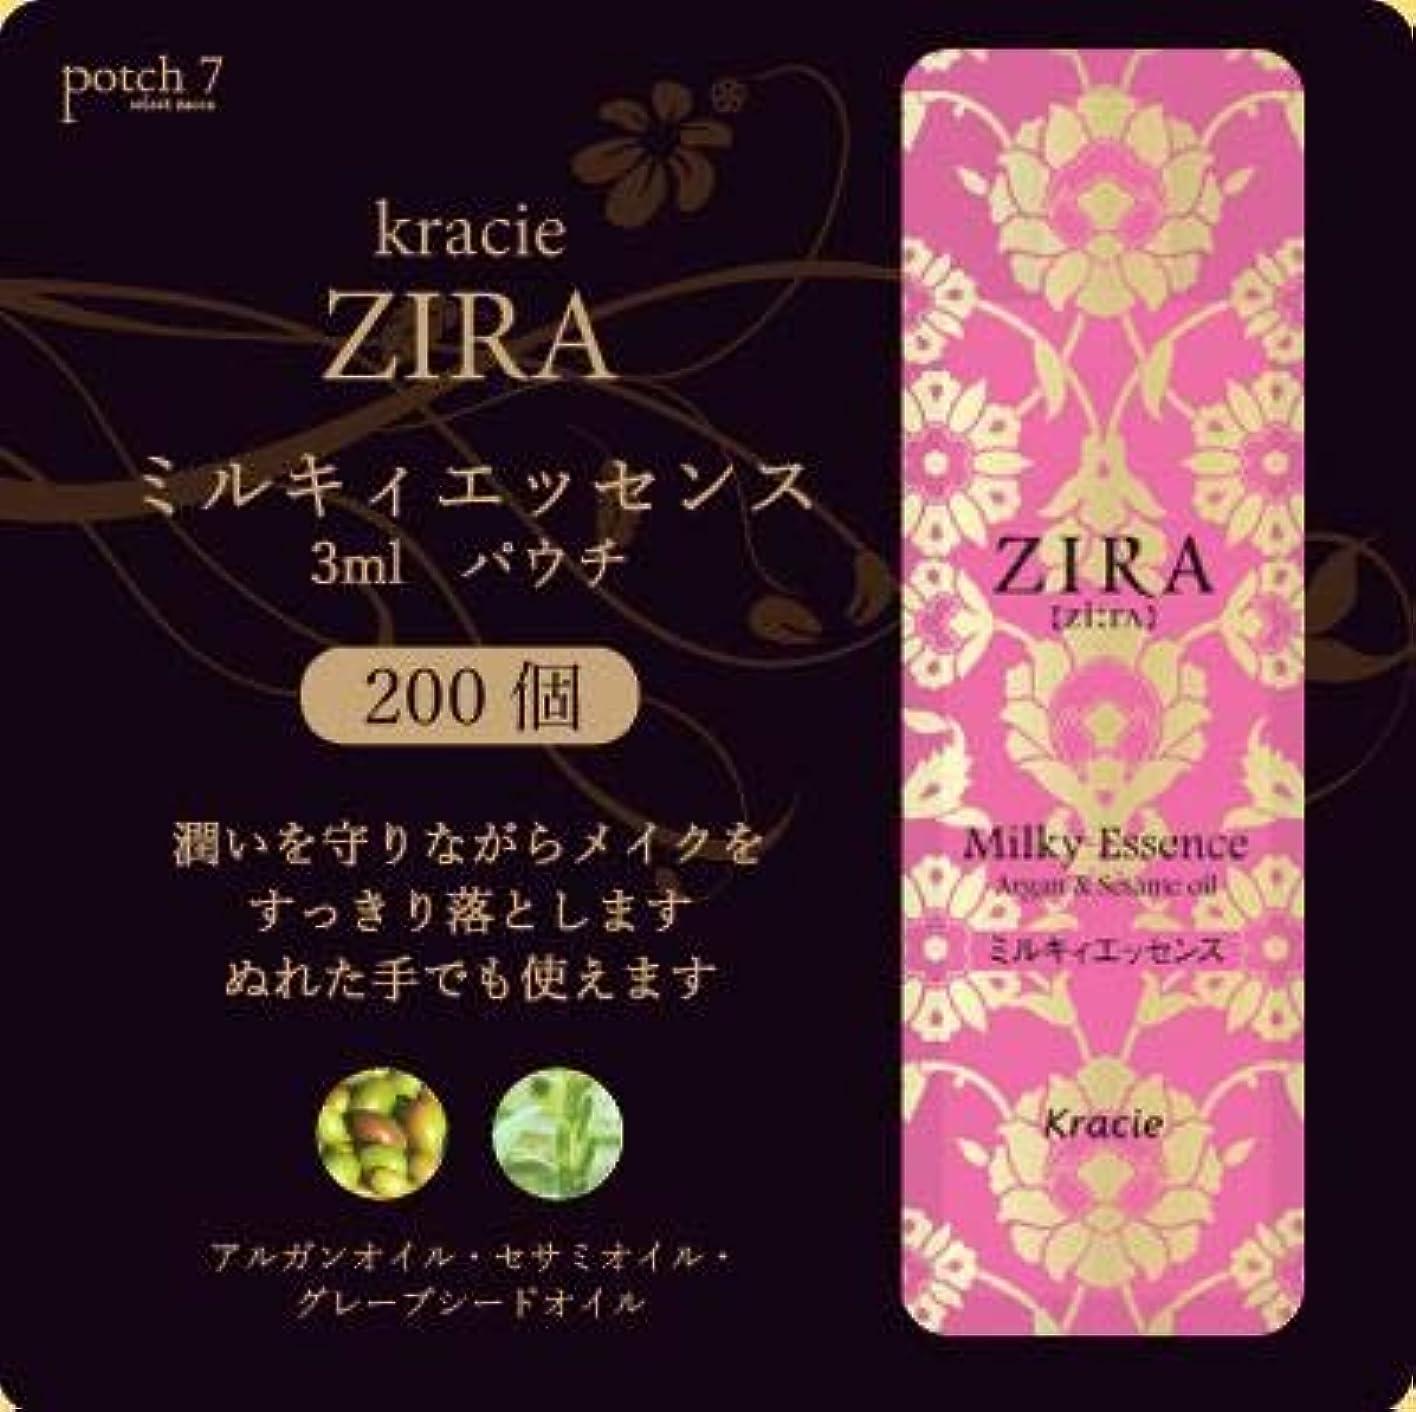 季節飼い慣らす凝視Kracie クラシエ ZIRA ジーラ ミルキィエッセンス 美容液 パウチ 3ml 200個入